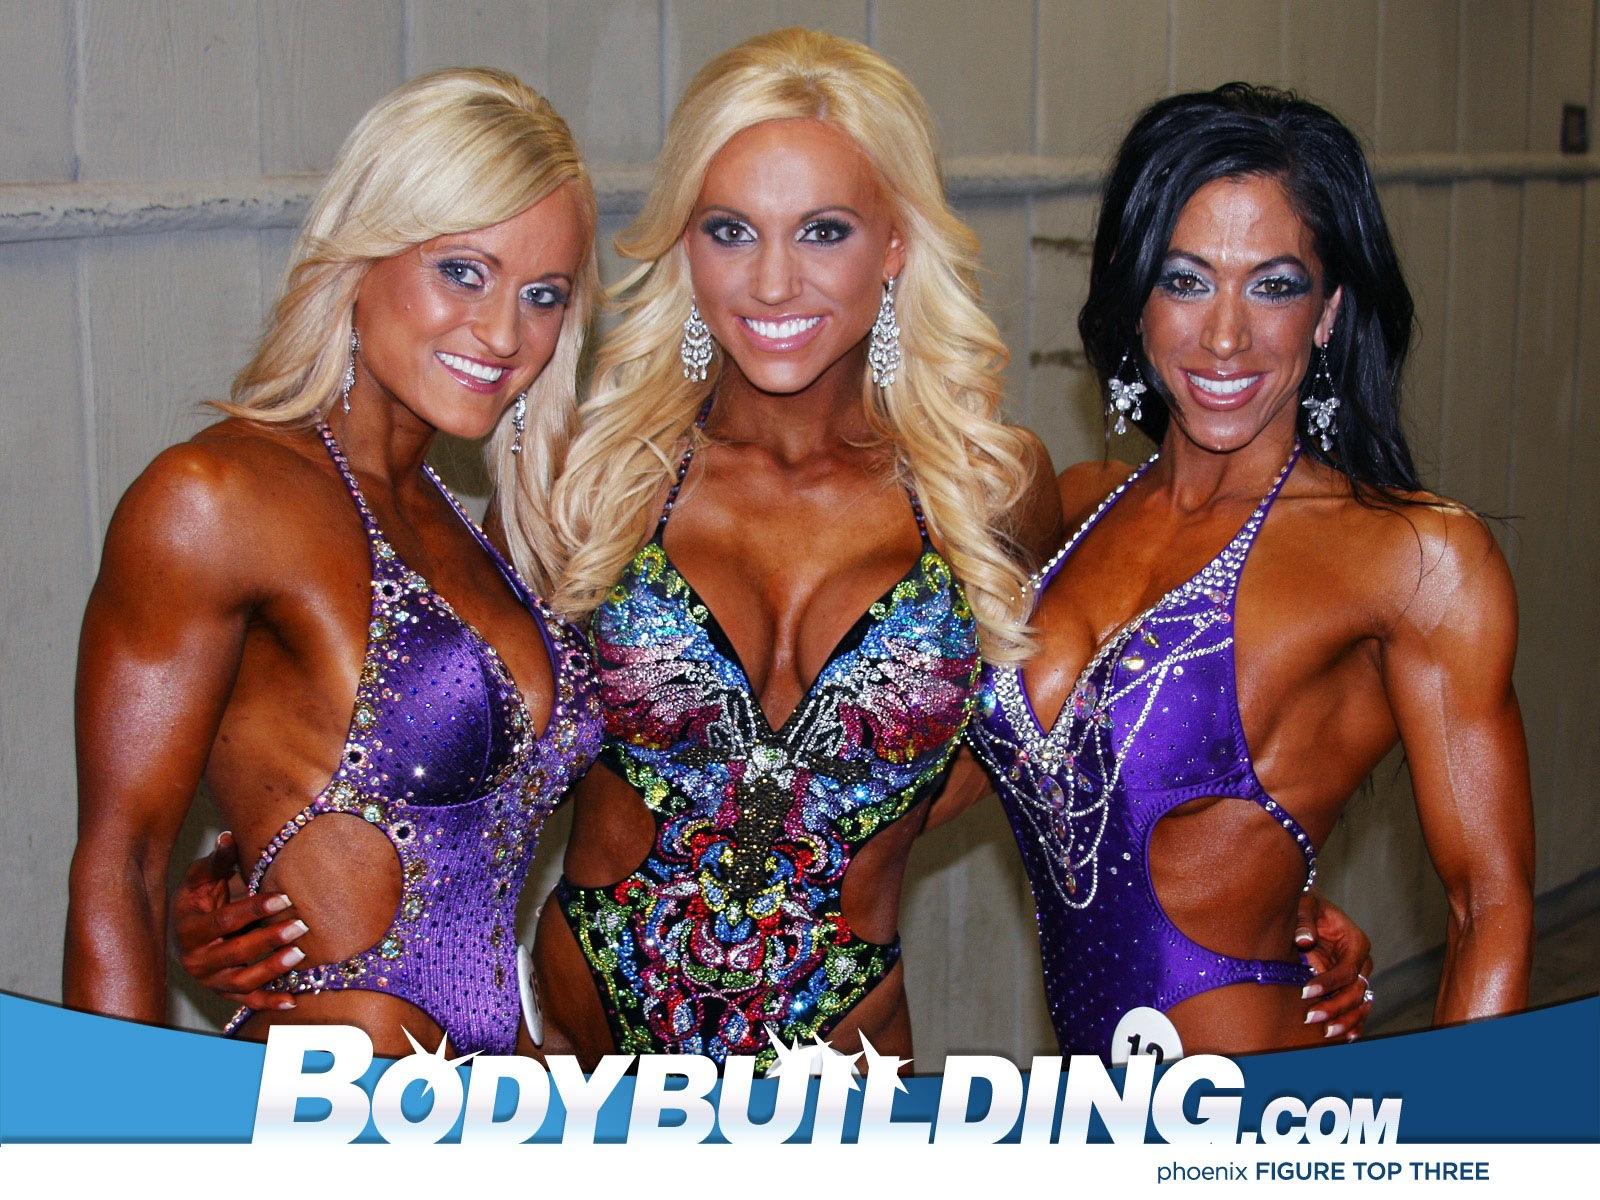 Фото девушек в спортивных купальниках на спортивных шоу 5 фотография